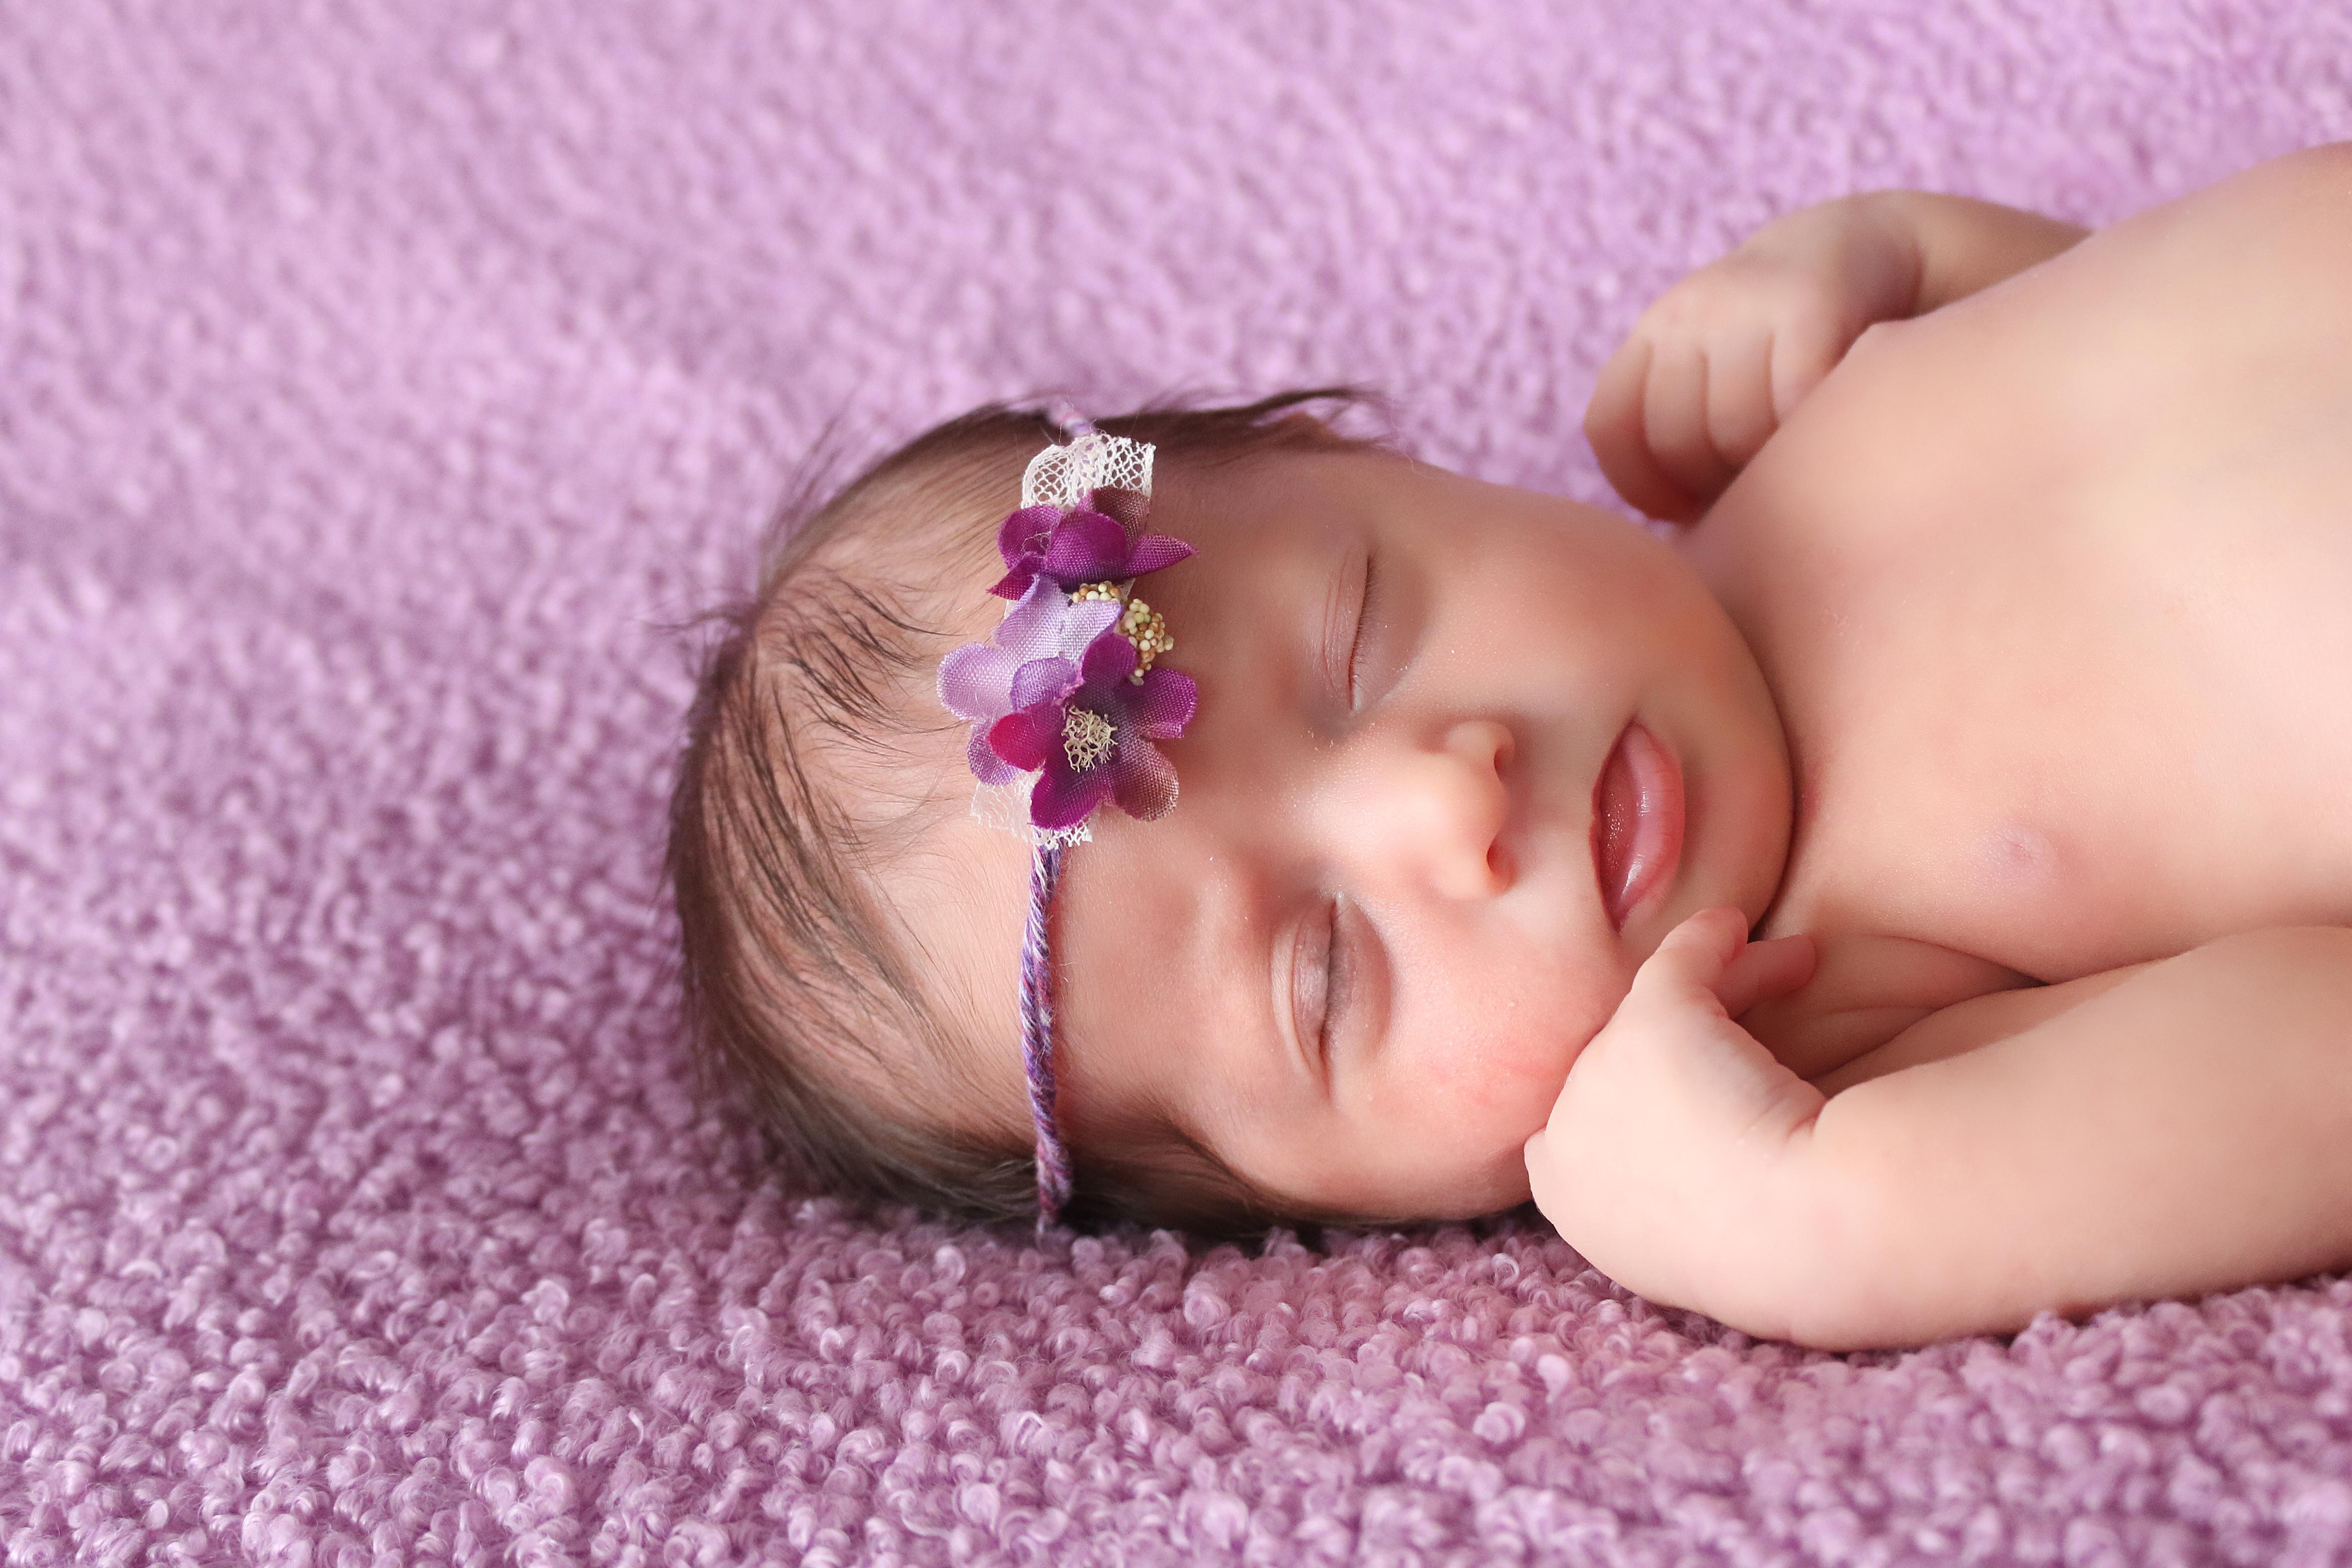 Niagara newborn photograph